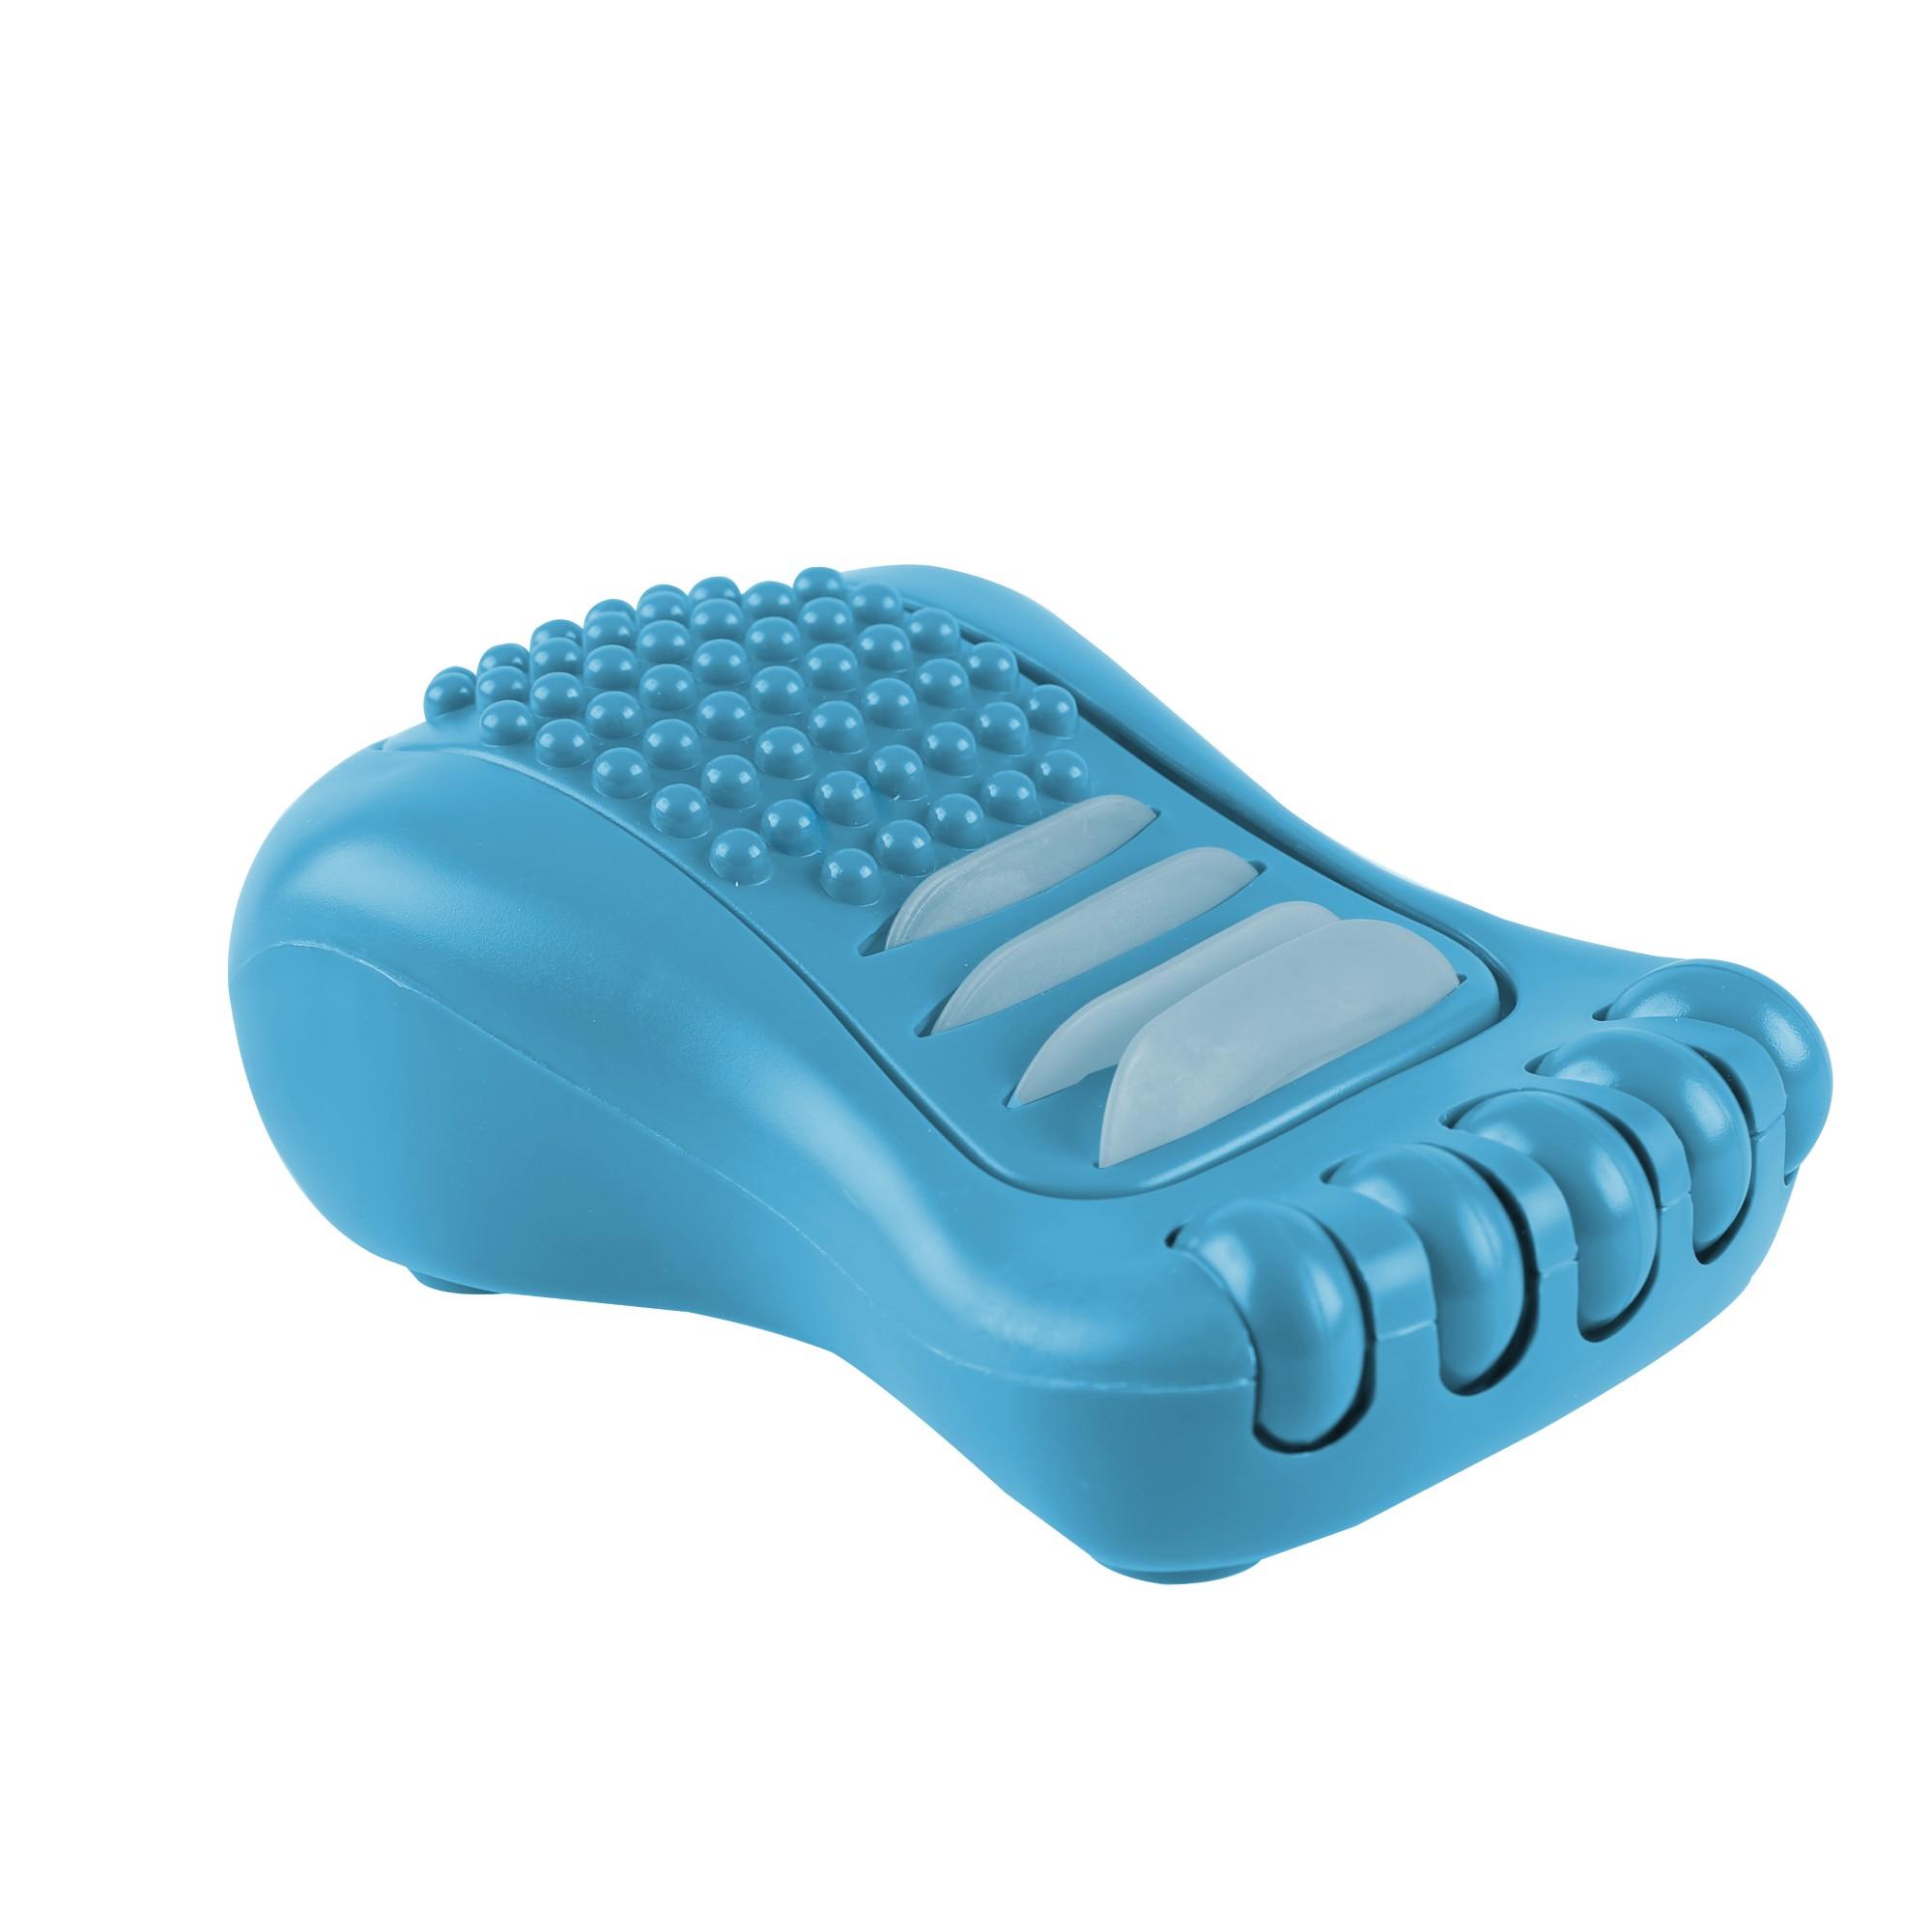 Massageador para Pes Fisioterapico Azul - Ortho Pauher